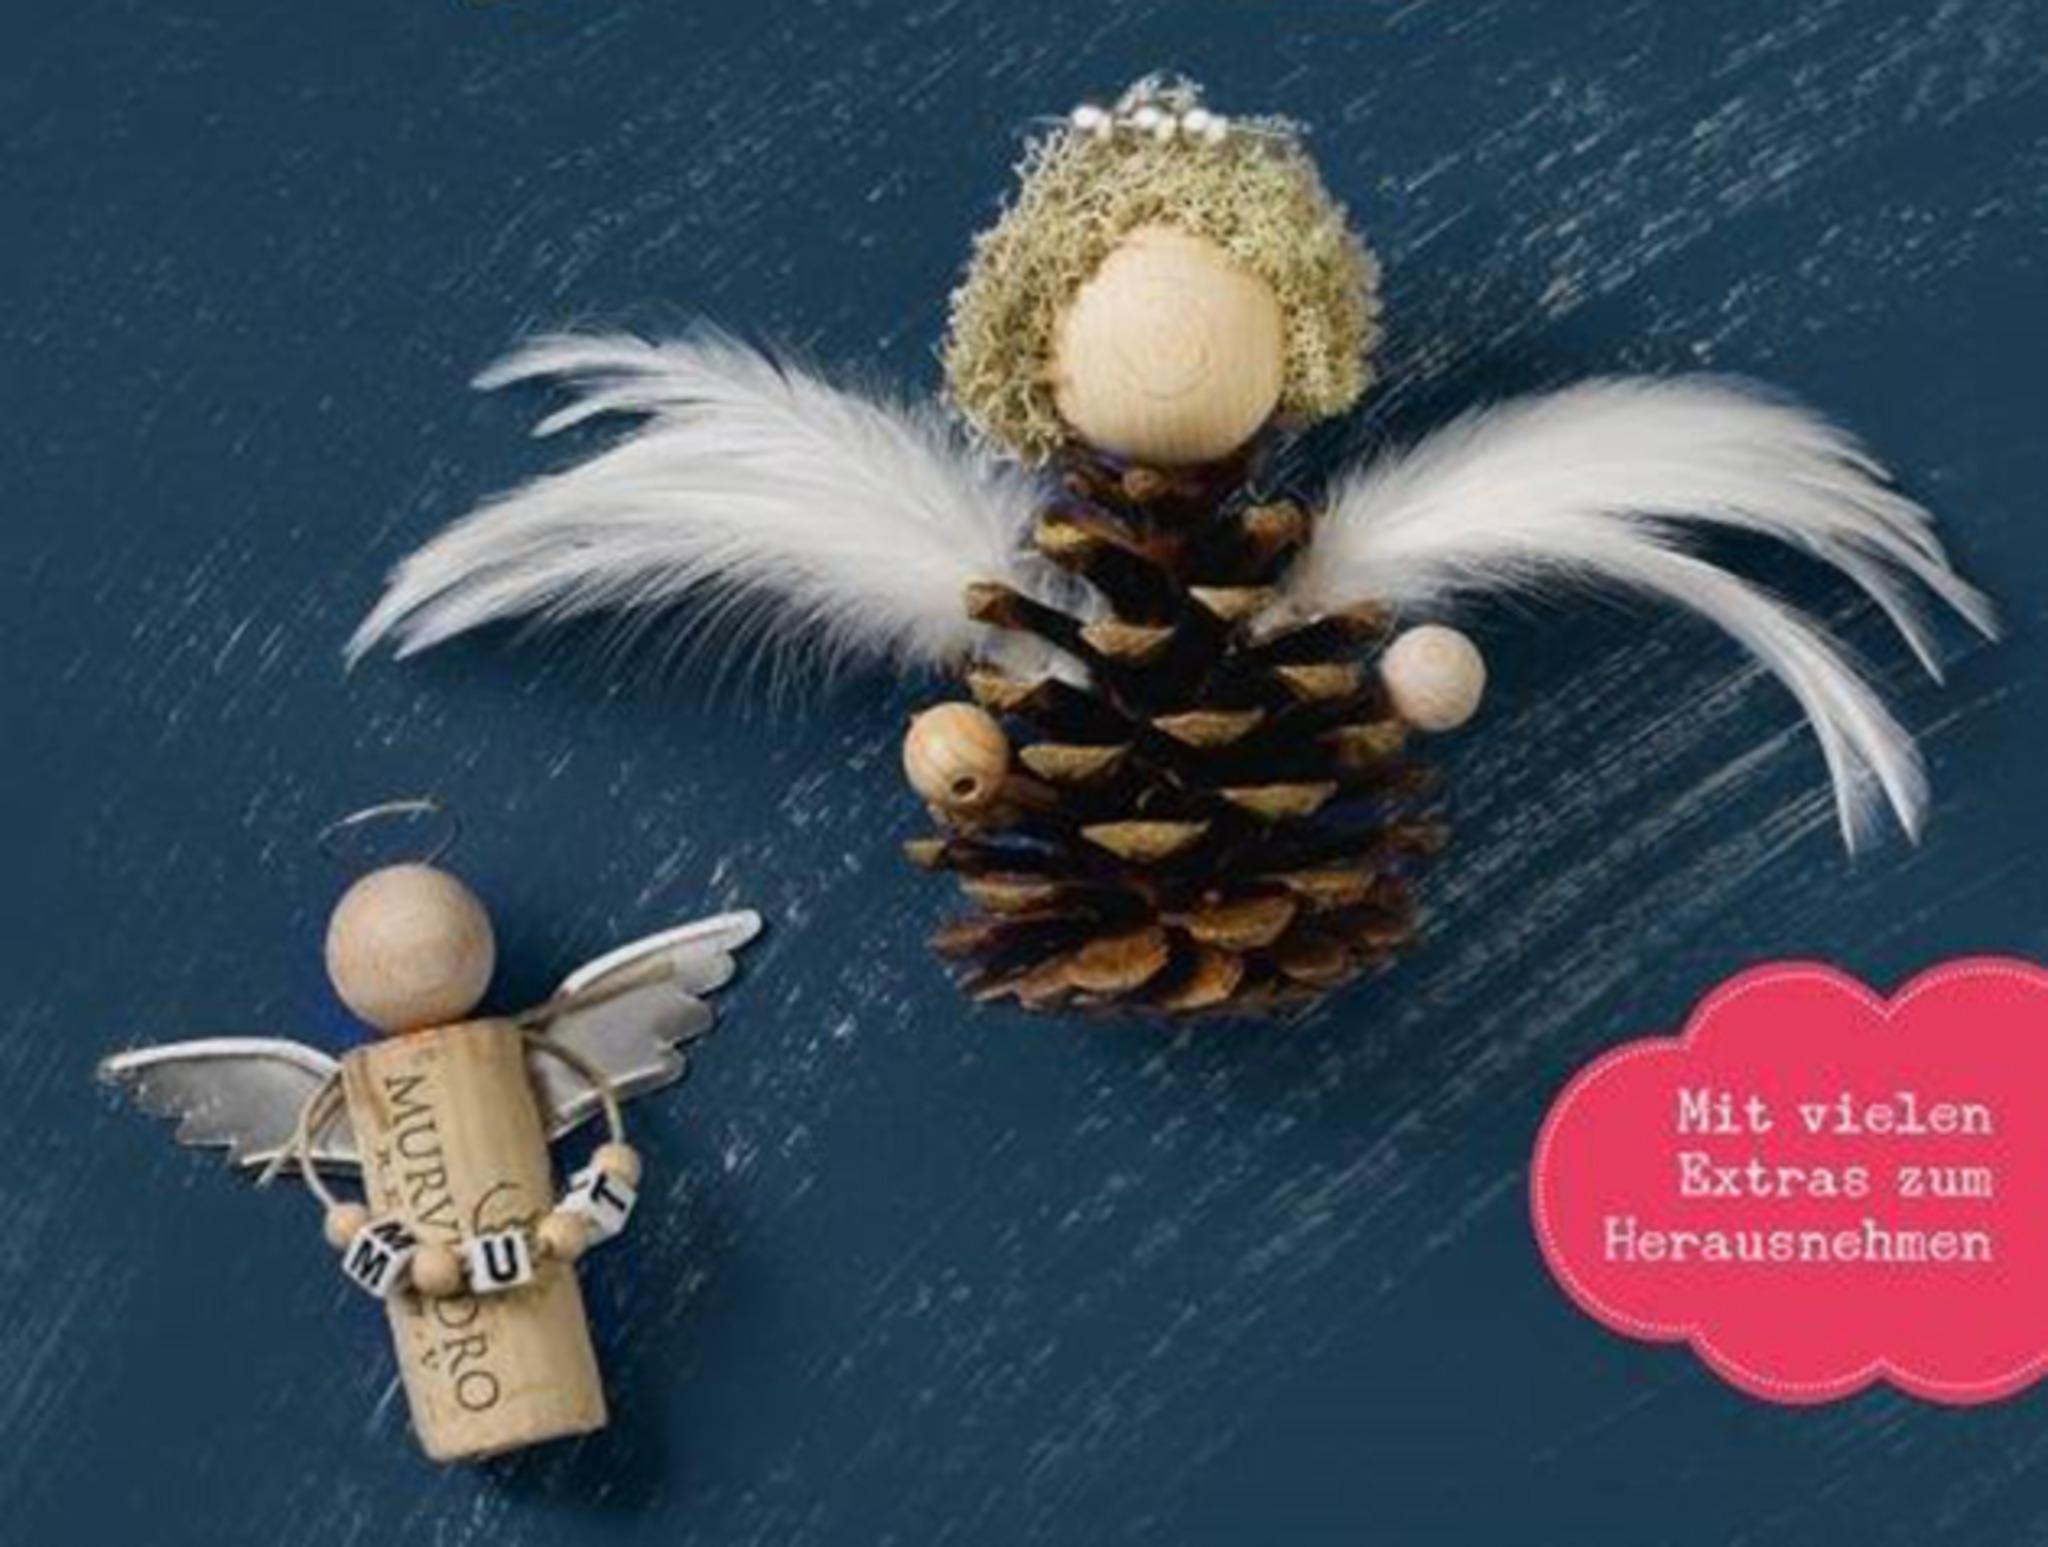 weihnachtsgeschenke selber machen gm nd. Black Bedroom Furniture Sets. Home Design Ideas